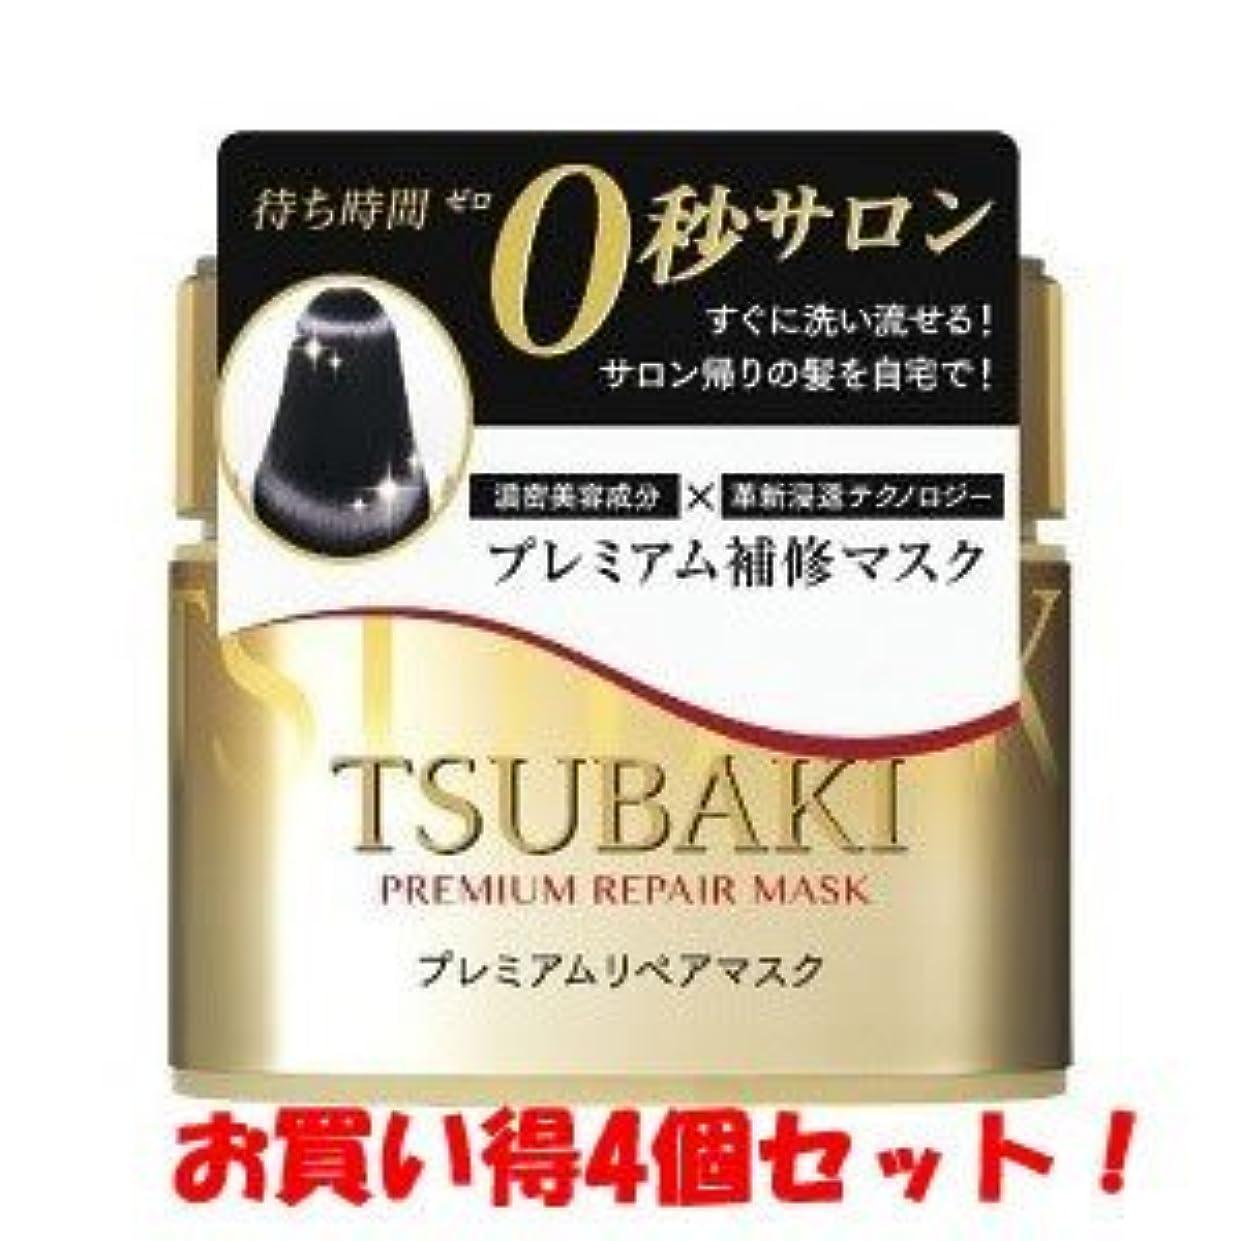 怖がらせるジョットディボンドン物理学者(2017年の新商品)(資生堂)ツバキ(TSUBAKI) プレミアムリペアマスク 180g(お買い得4個セット)